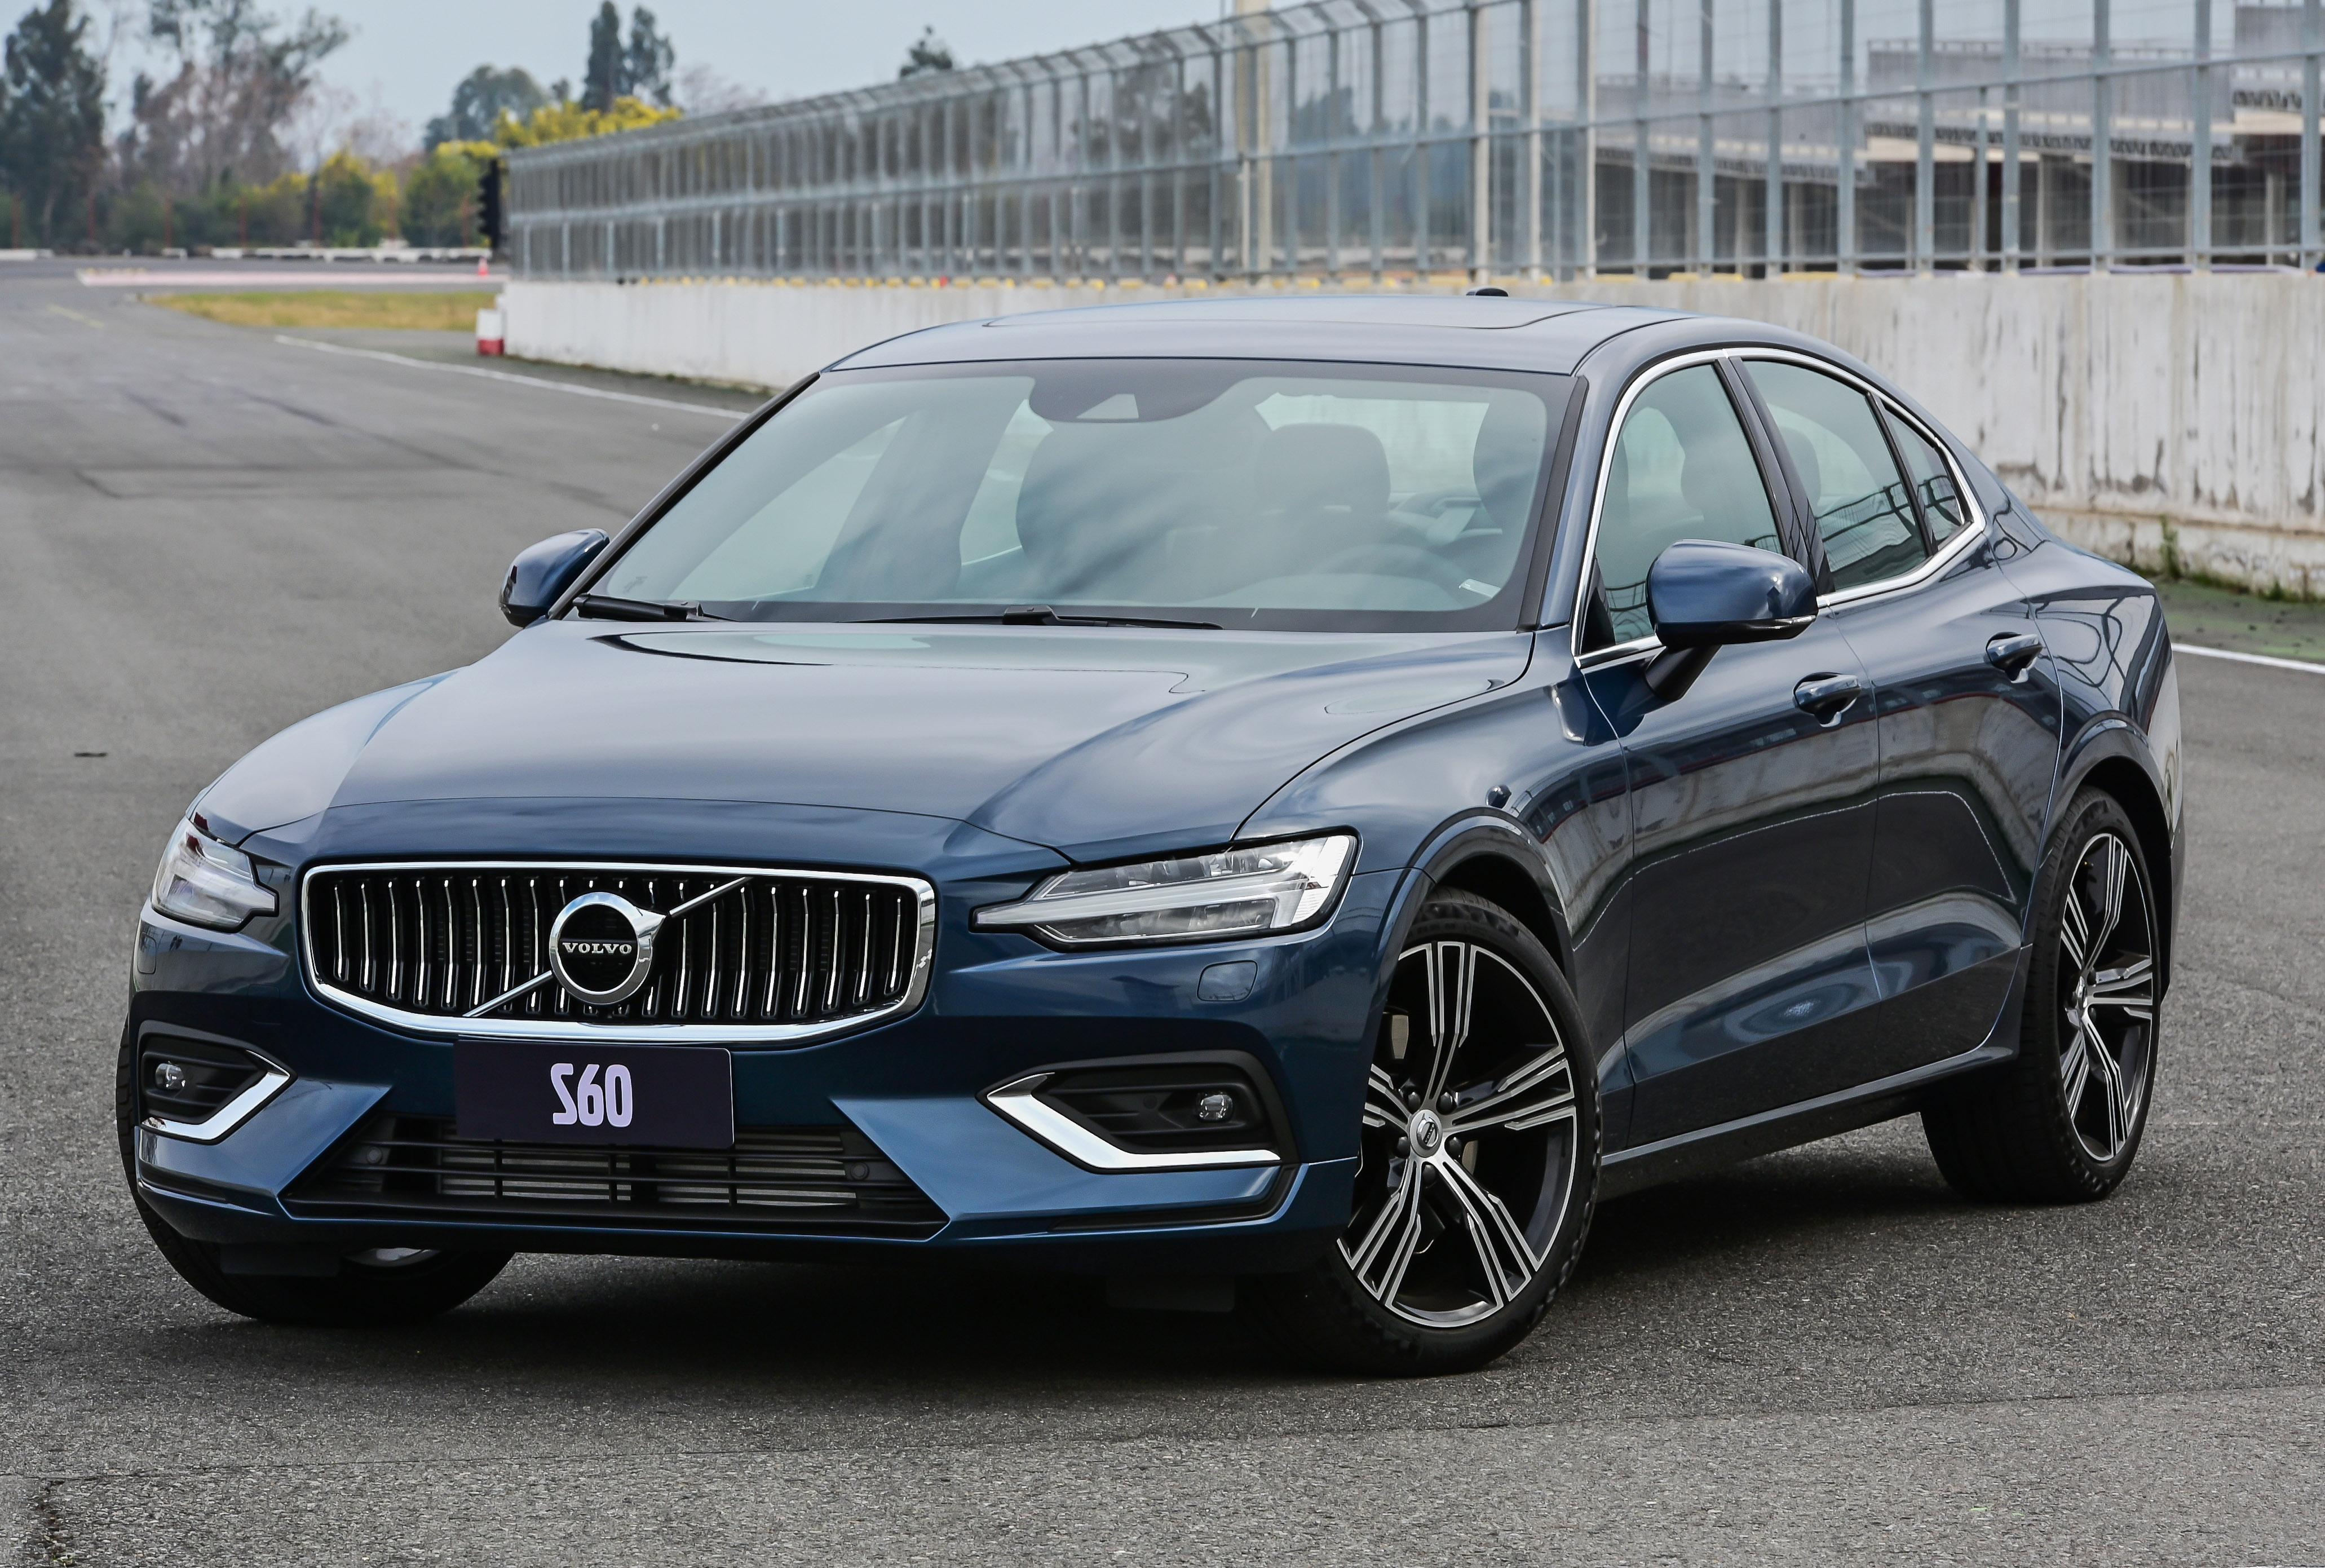 Impressoes Volvo S60 E O Melhor Seda Alemao Que Nao Vem Da Alemanha Quatro Rodas